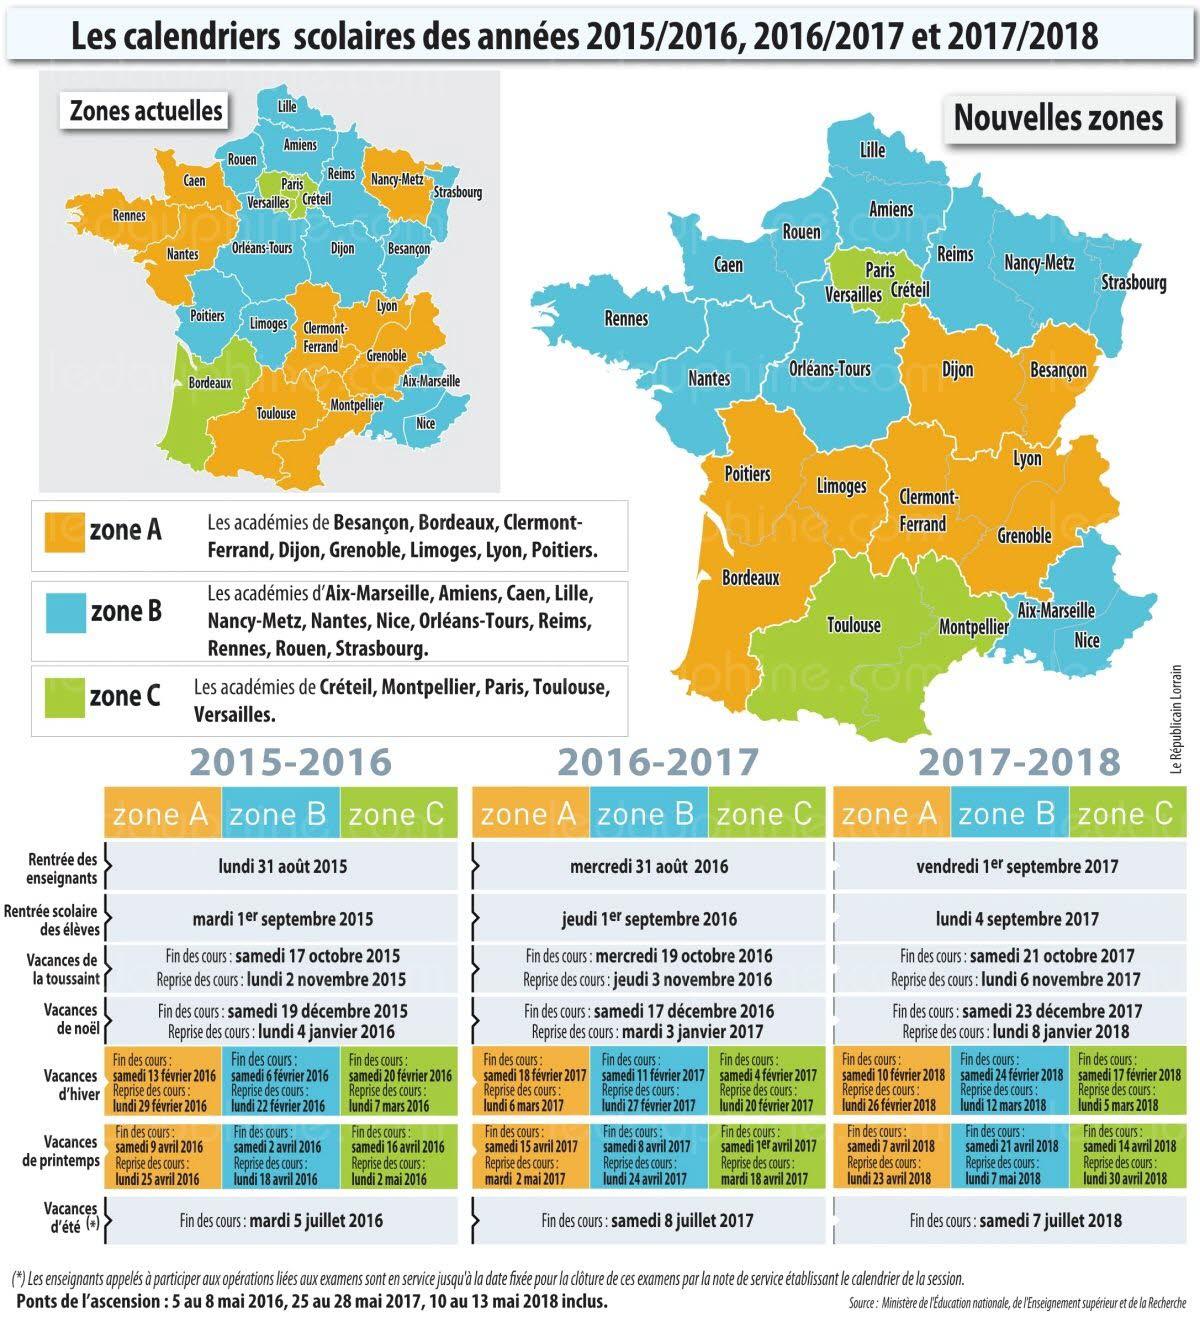 Calendrier Scolaire 2016 2017 Ecole Elementaire Publique